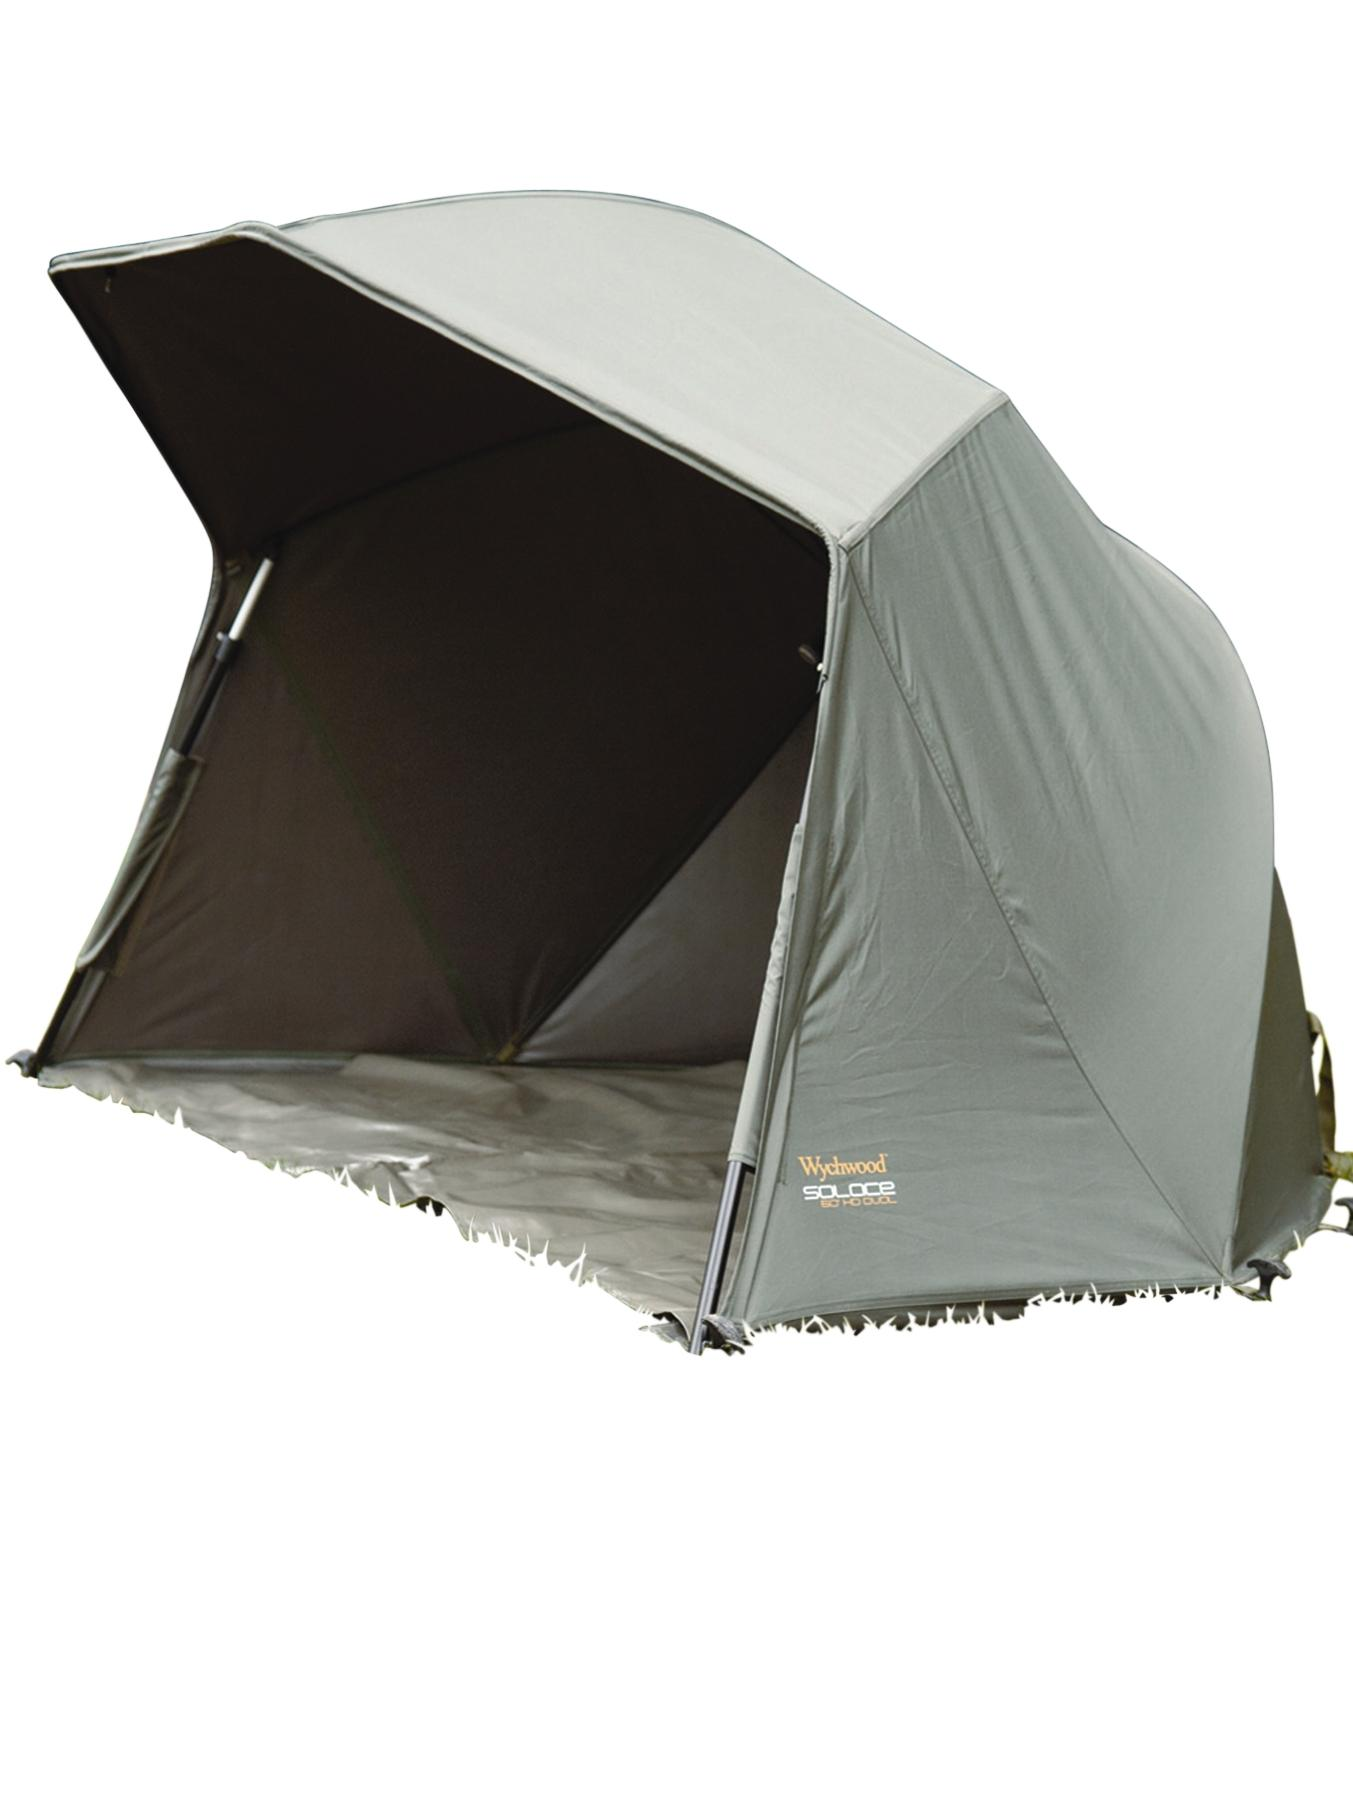 Wychwood 50 inch HD Oval Umbrella